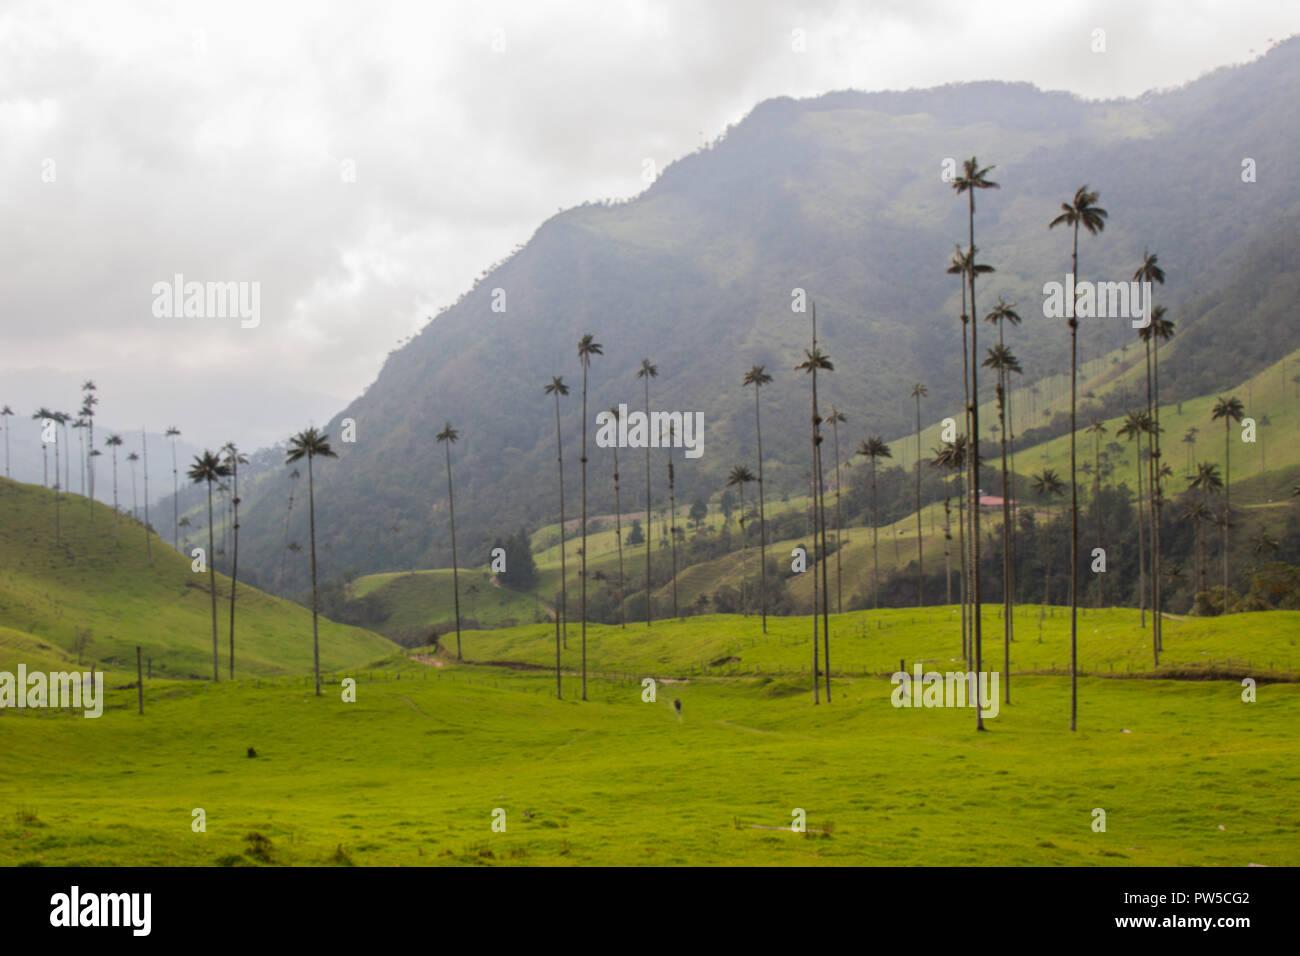 Valle de Cocora, Salento, Colombia Imagen De Stock